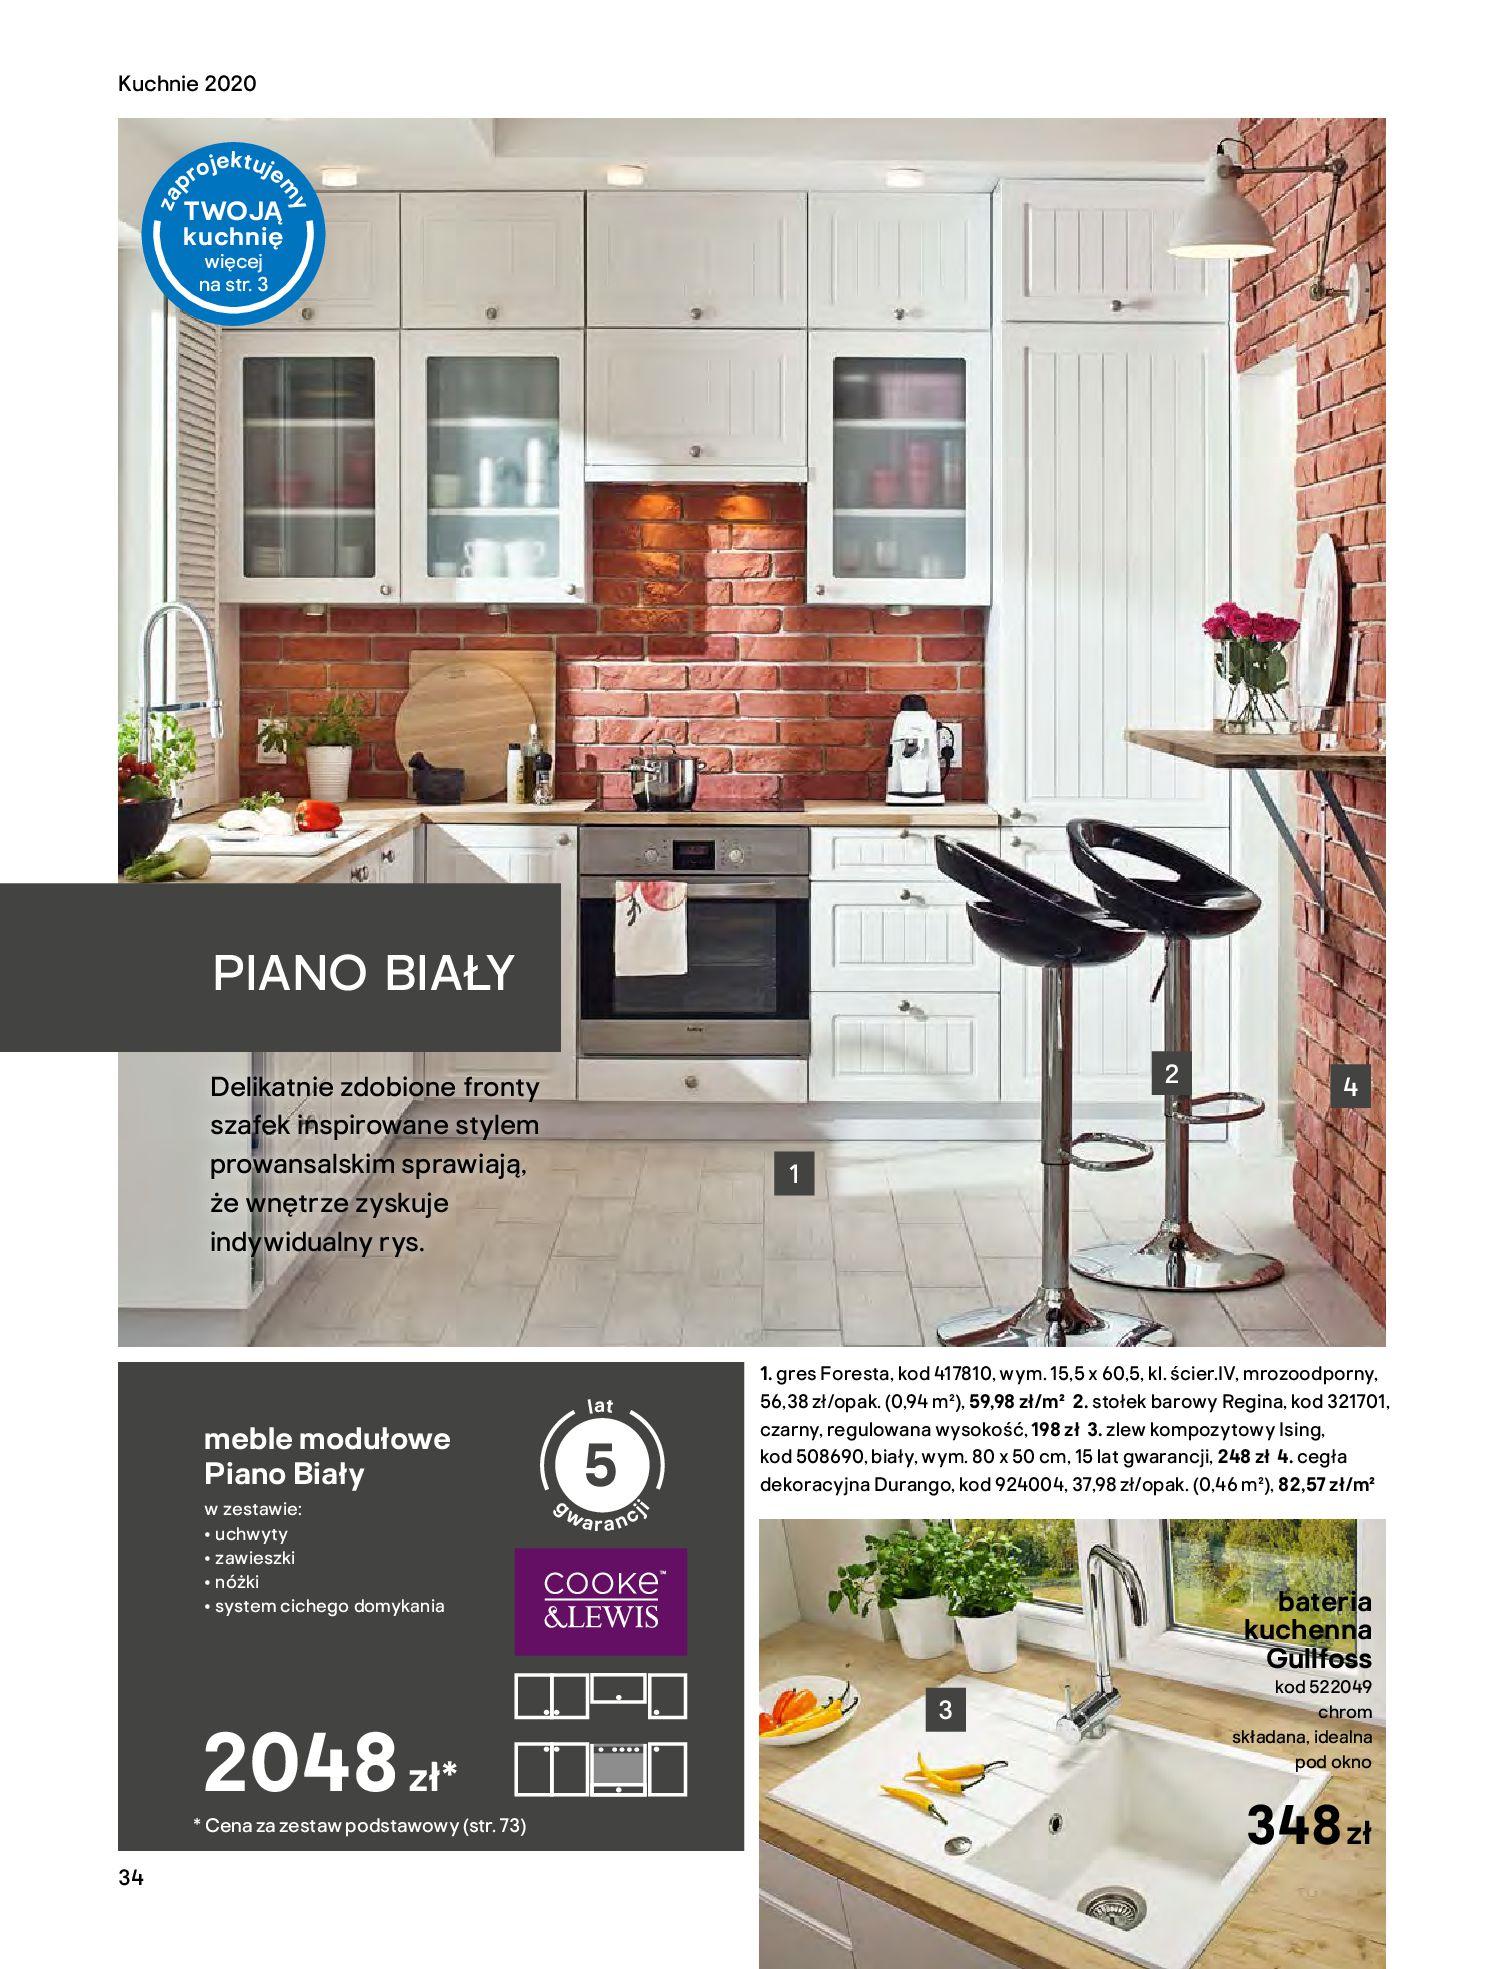 Gazetka Castorama - Katalog Kuchnie 2020-14.04.2020-31.12.2020-page-34